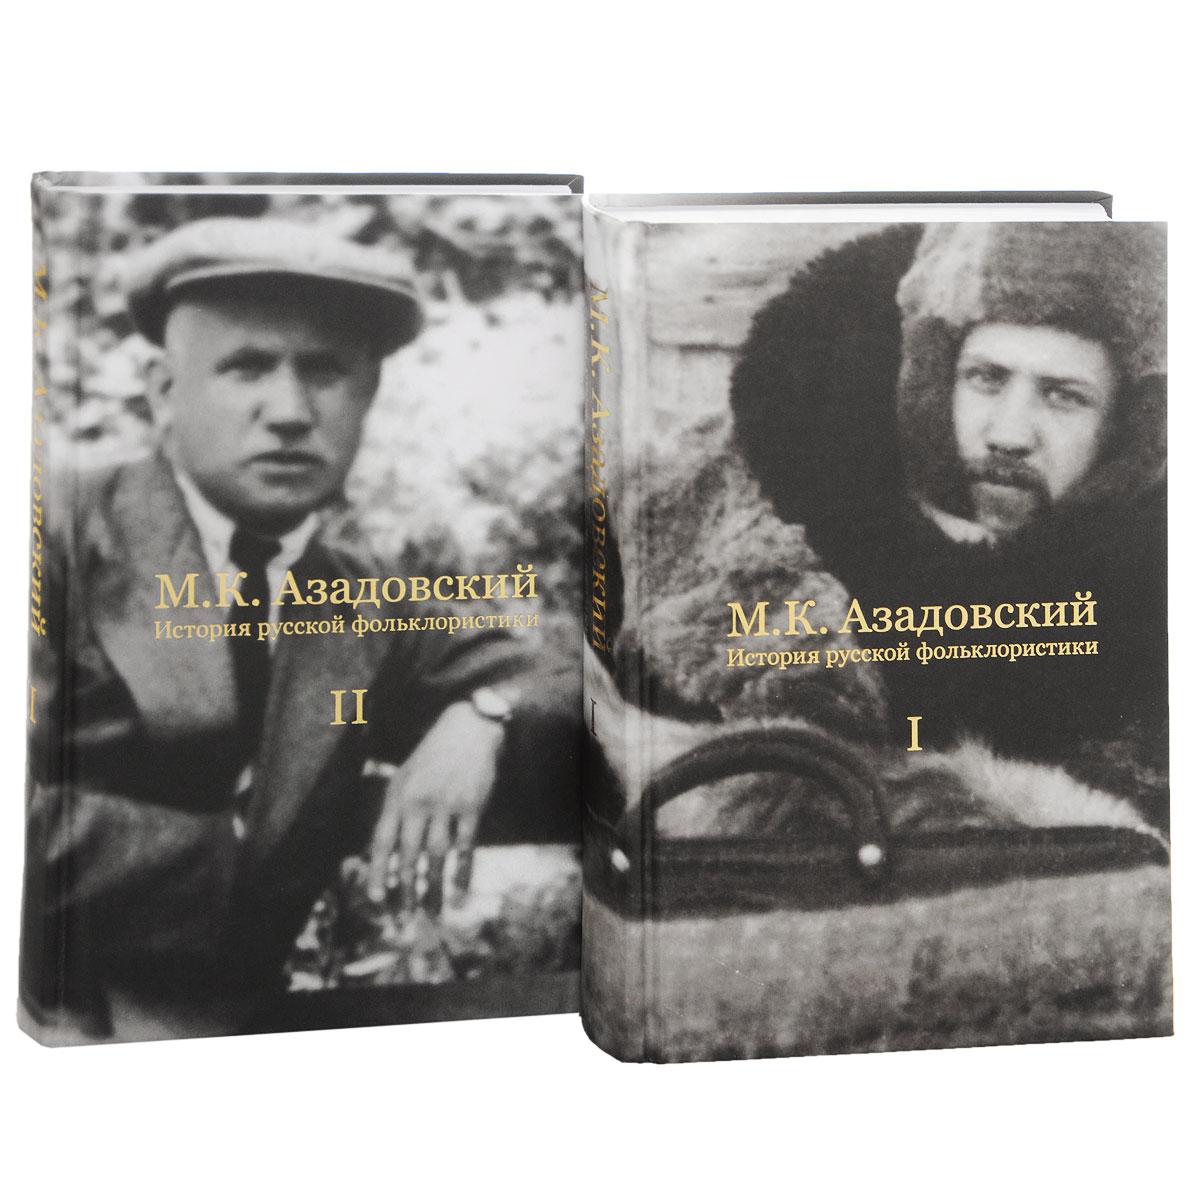 История русской фольклористики (комплект из 2 книг)